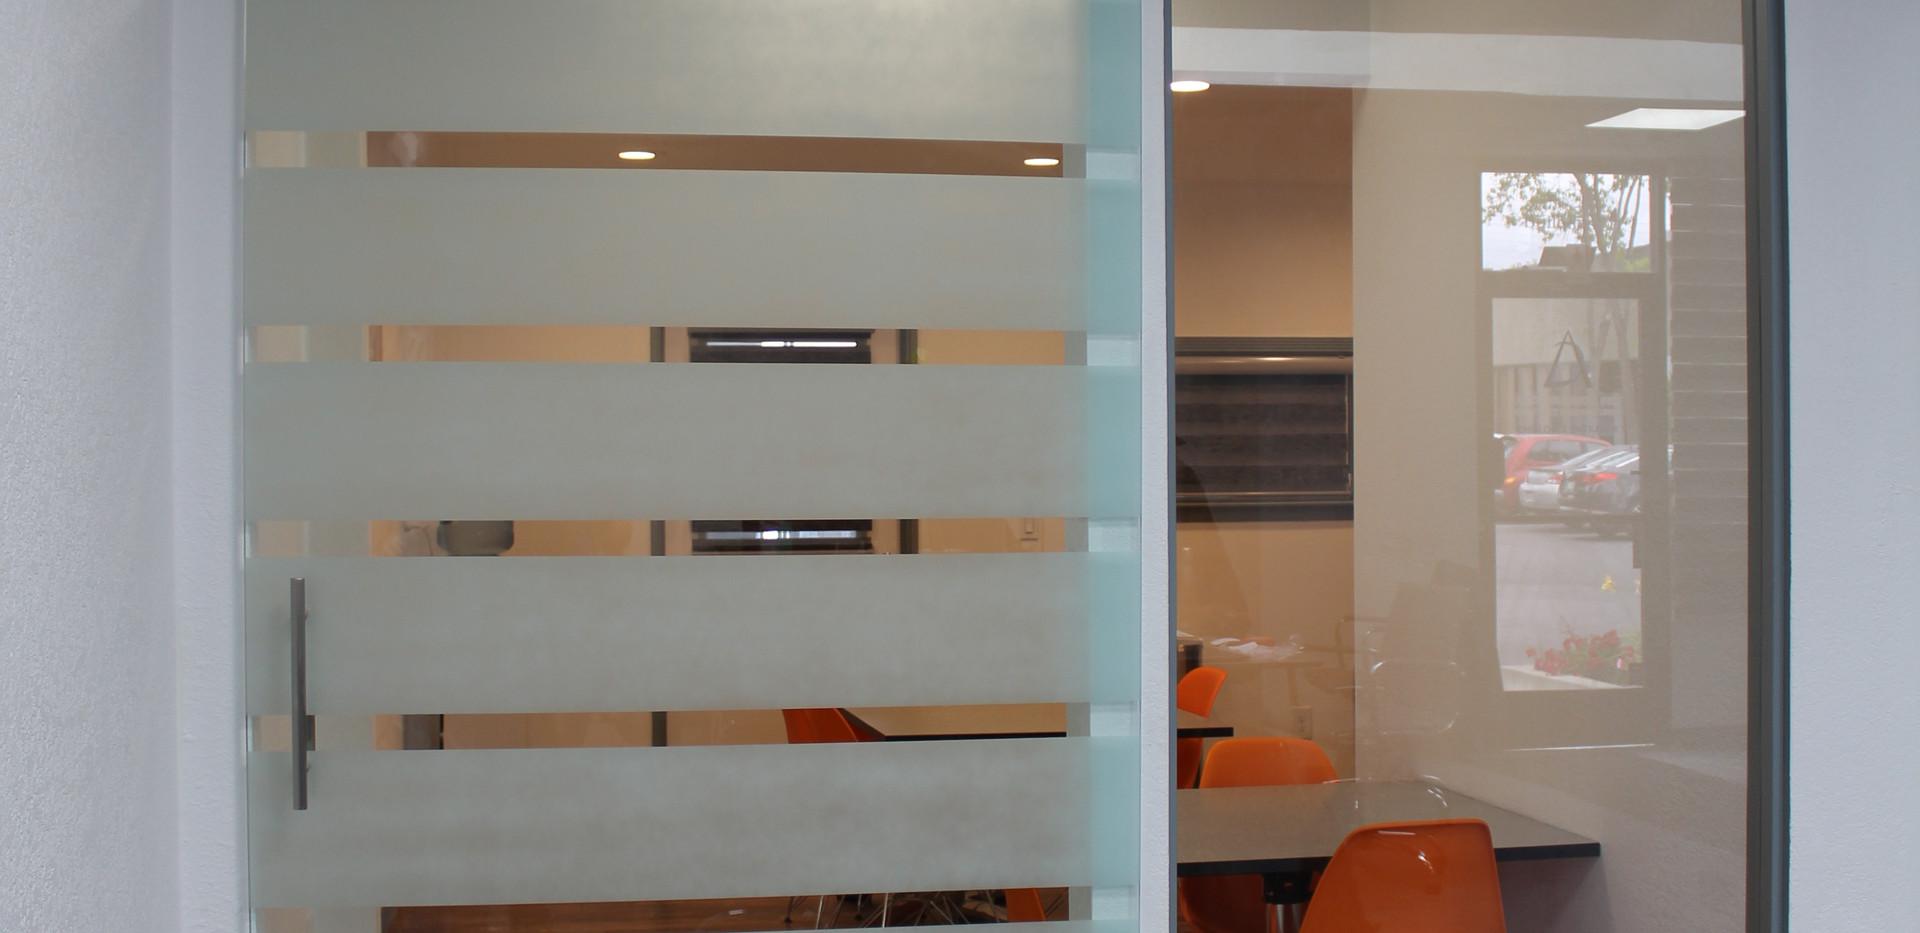 Breakroom Building 1_2